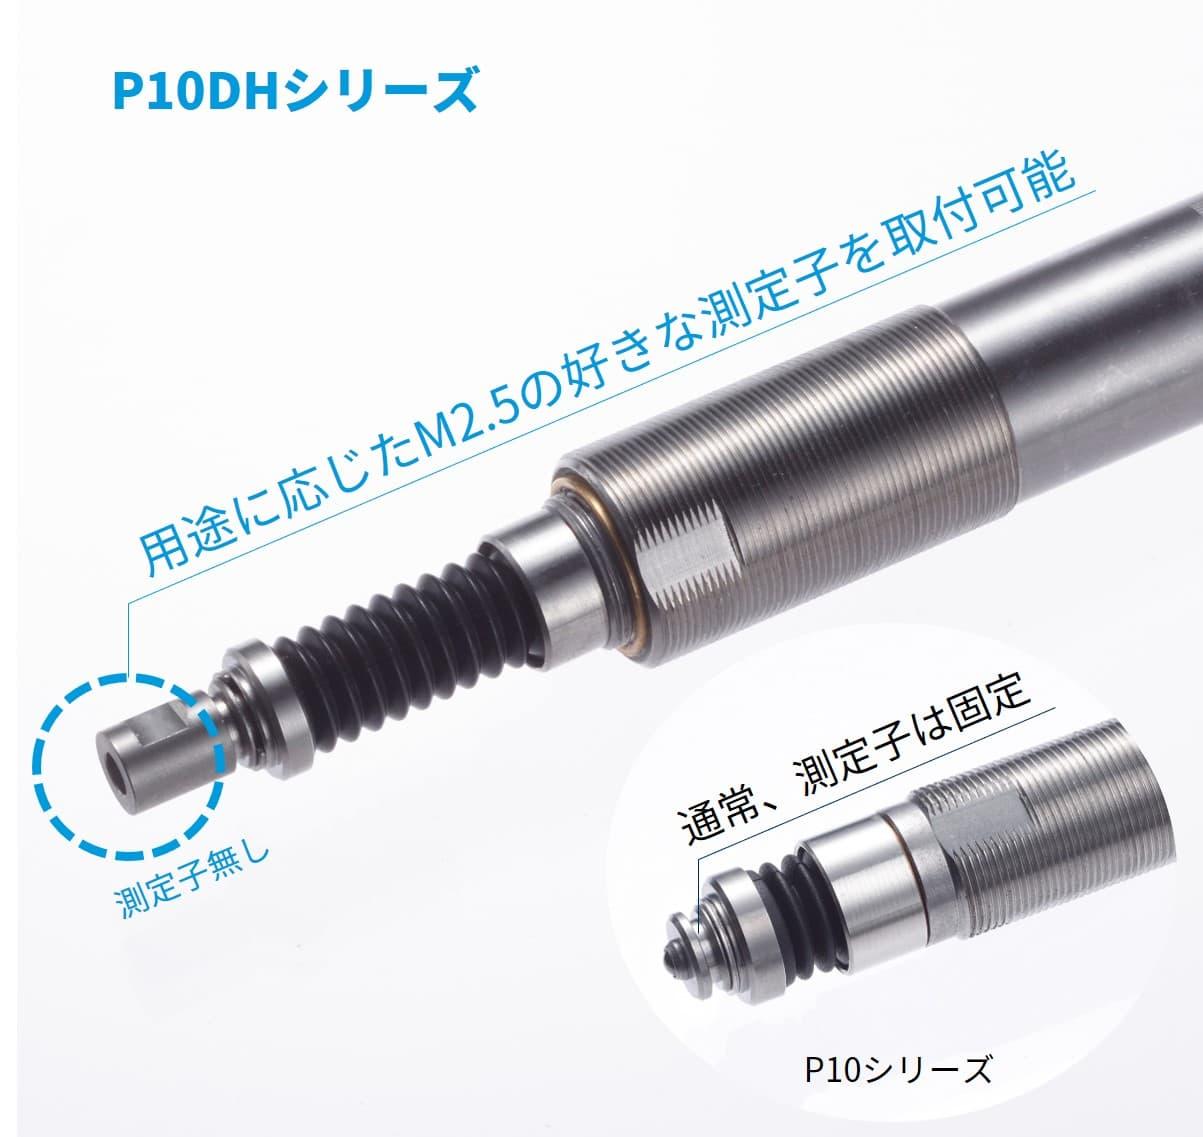 測定子のカスタマイズが自由なP10DHシリーズとは?